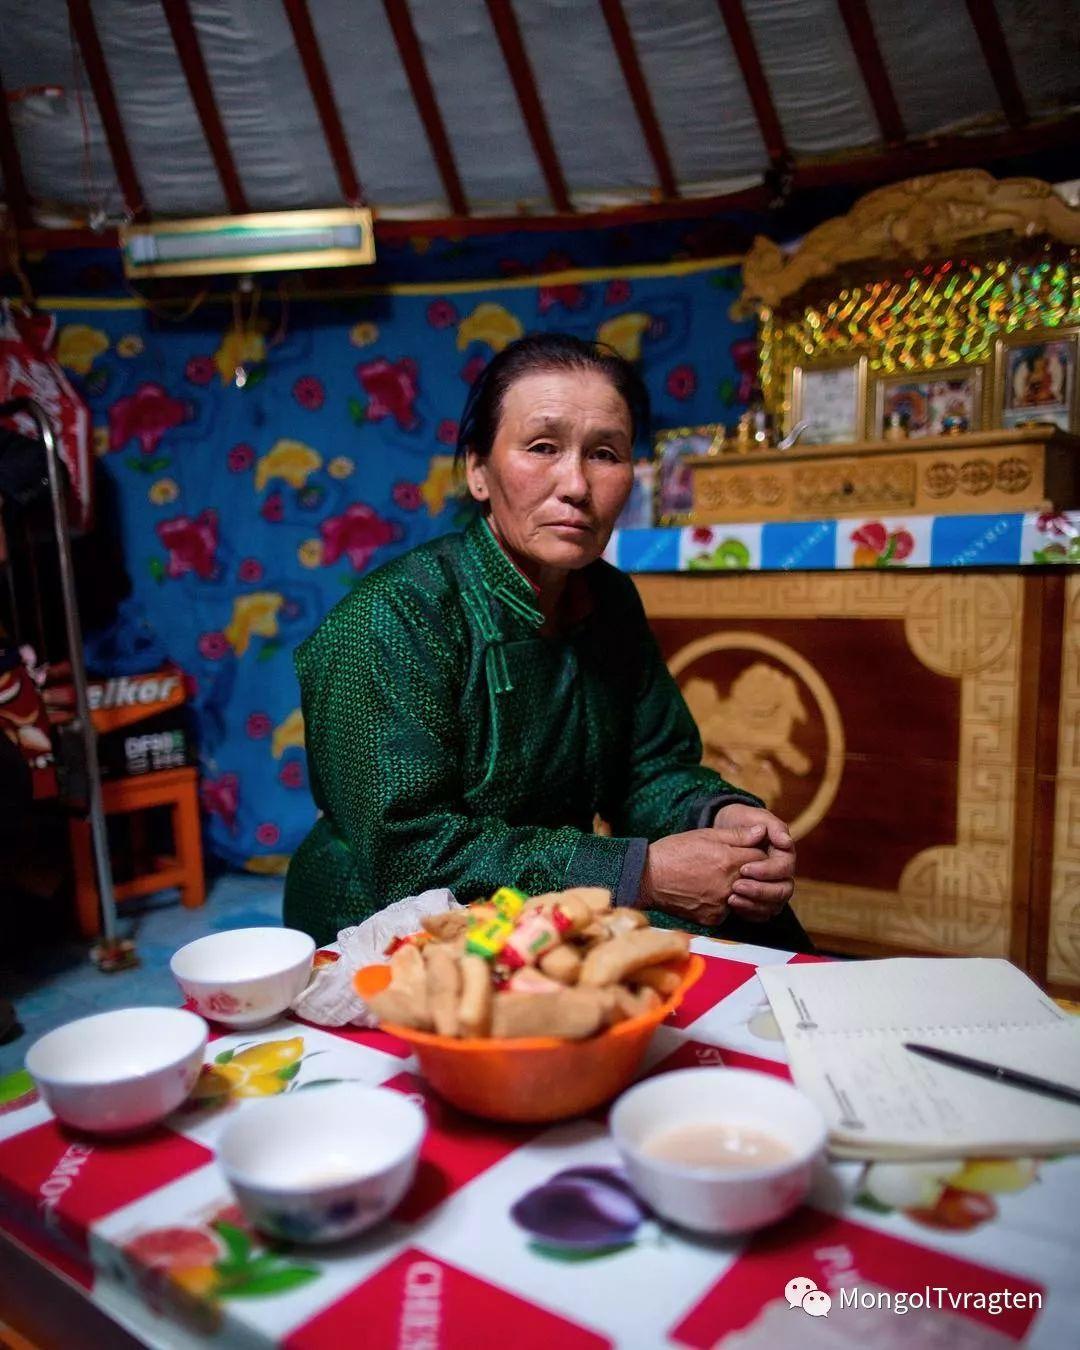 蒙古影像-- khangaikhuu.P 第29张 蒙古影像-- khangaikhuu.P 蒙古文化